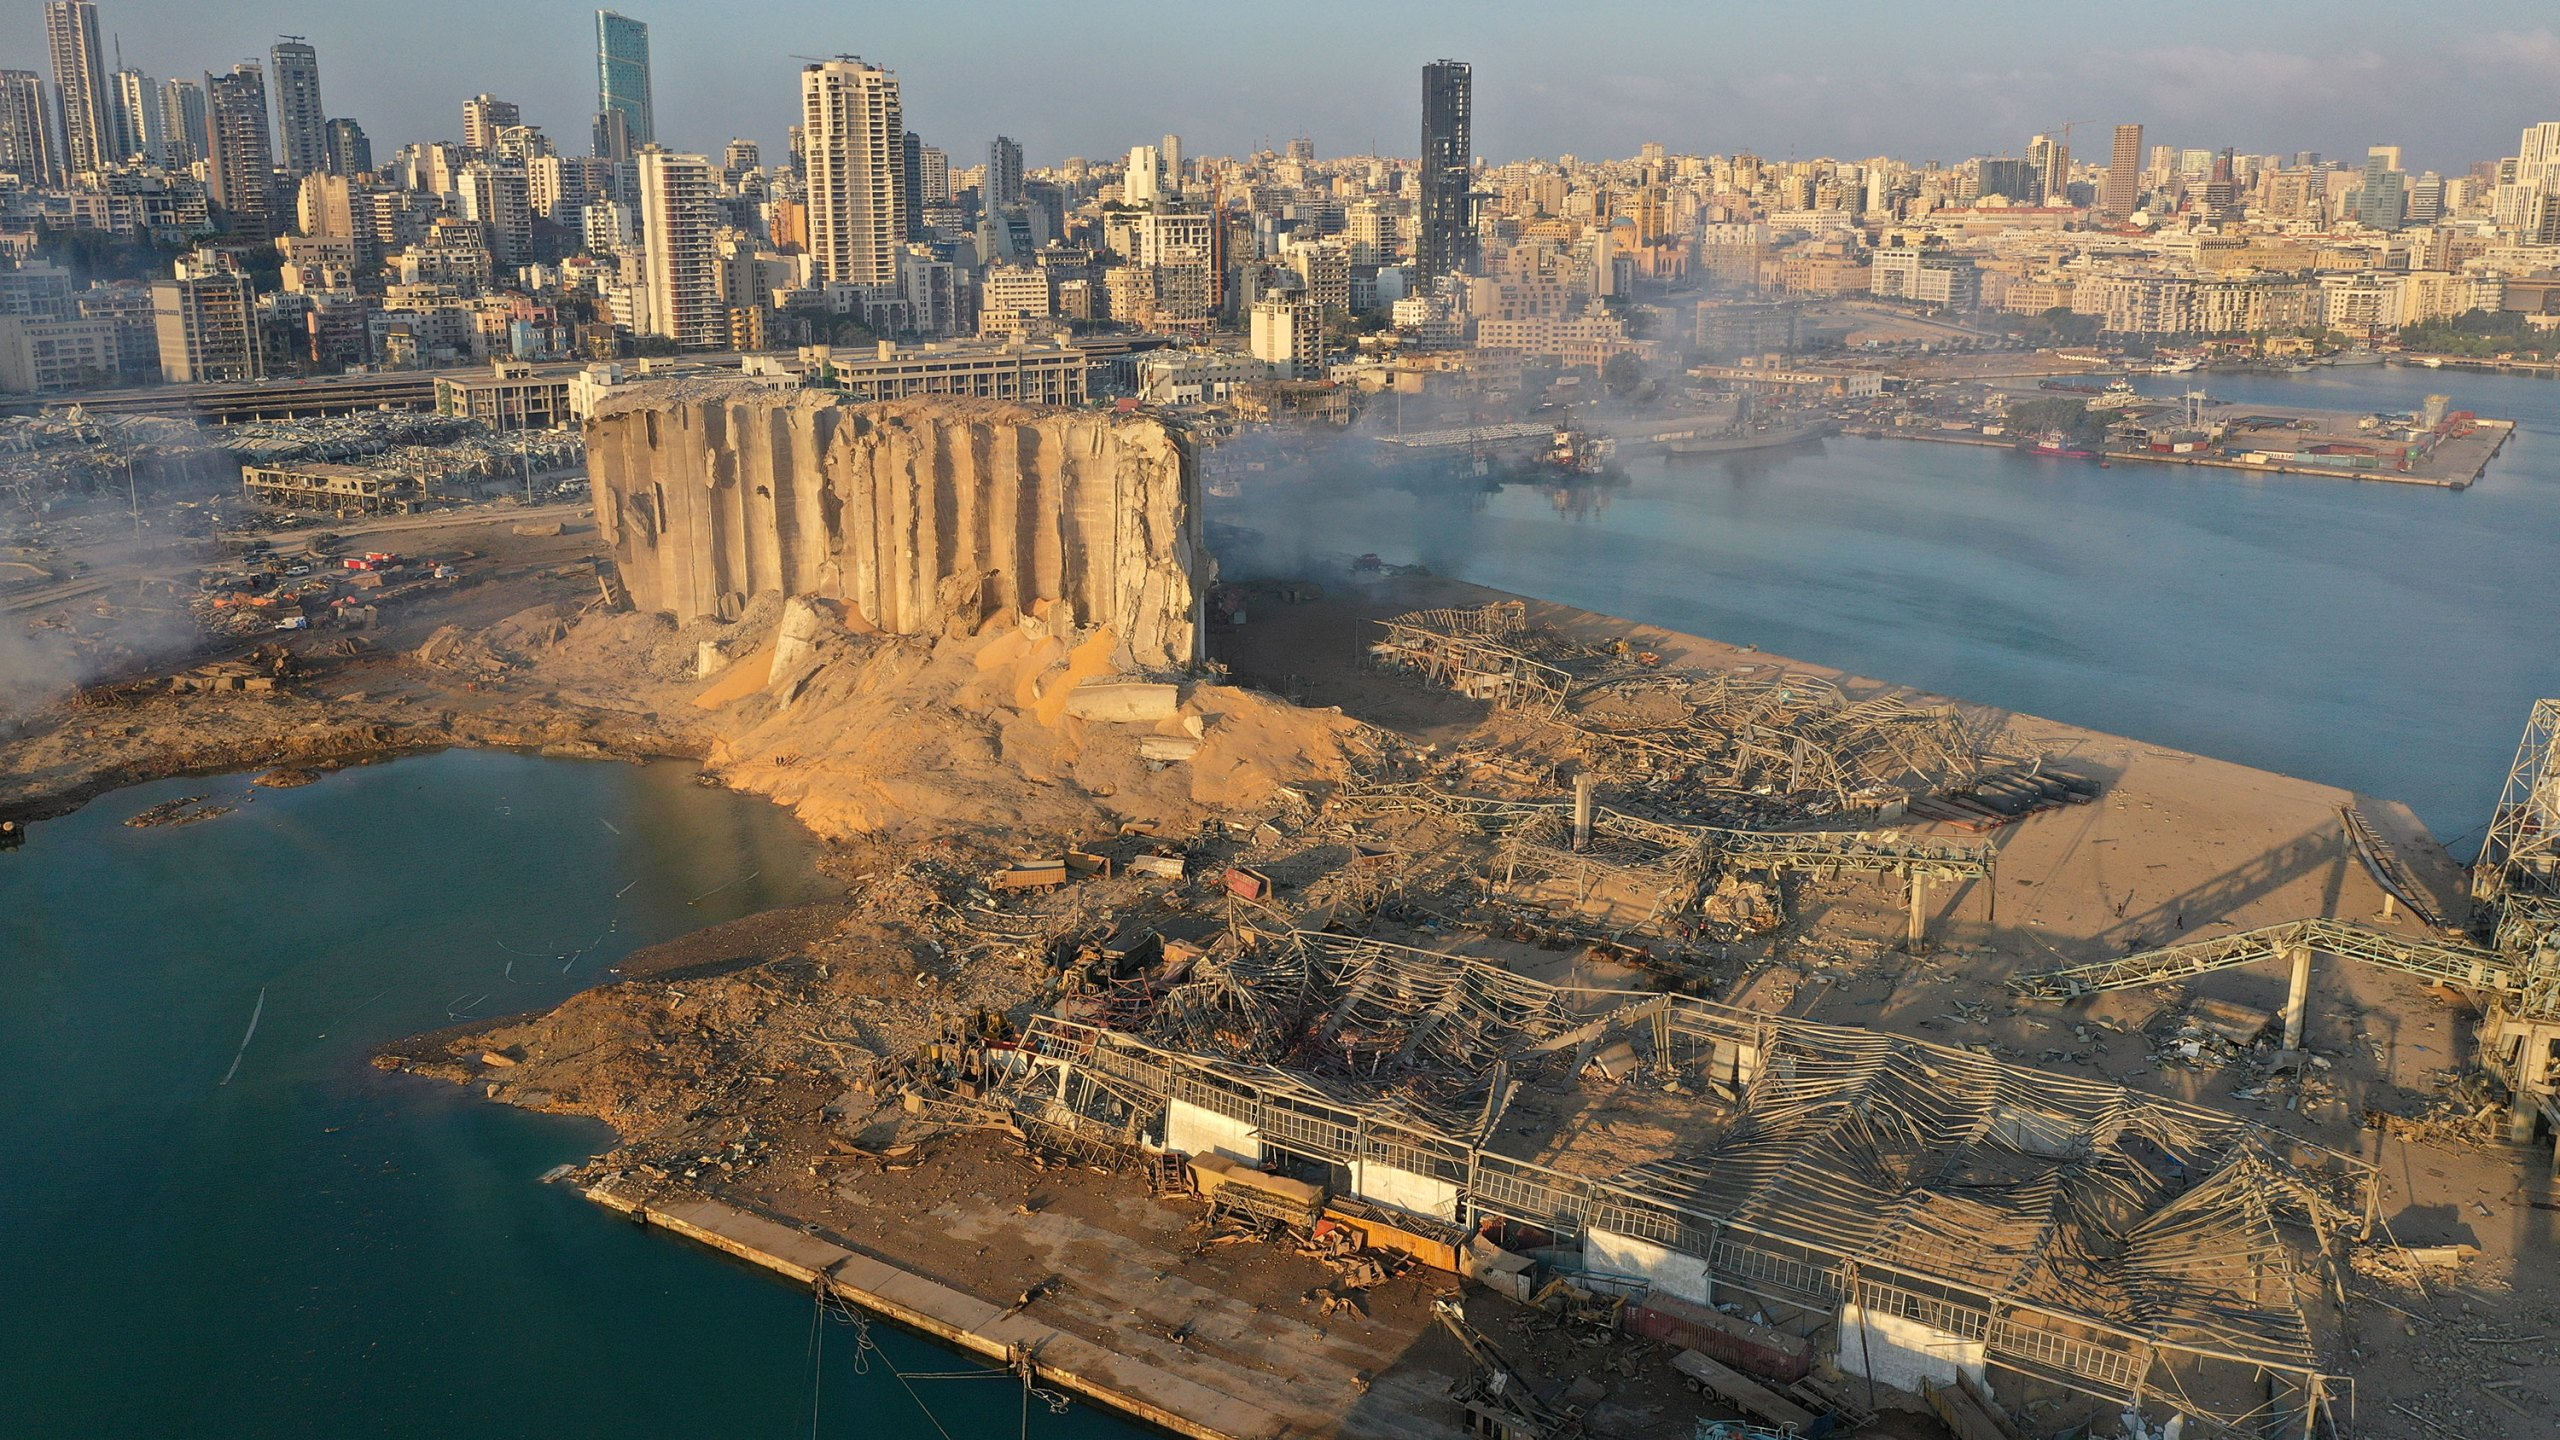 Gjykata në Bejrut kishte kërkuar heqjen e nitratit të amonit disa herë